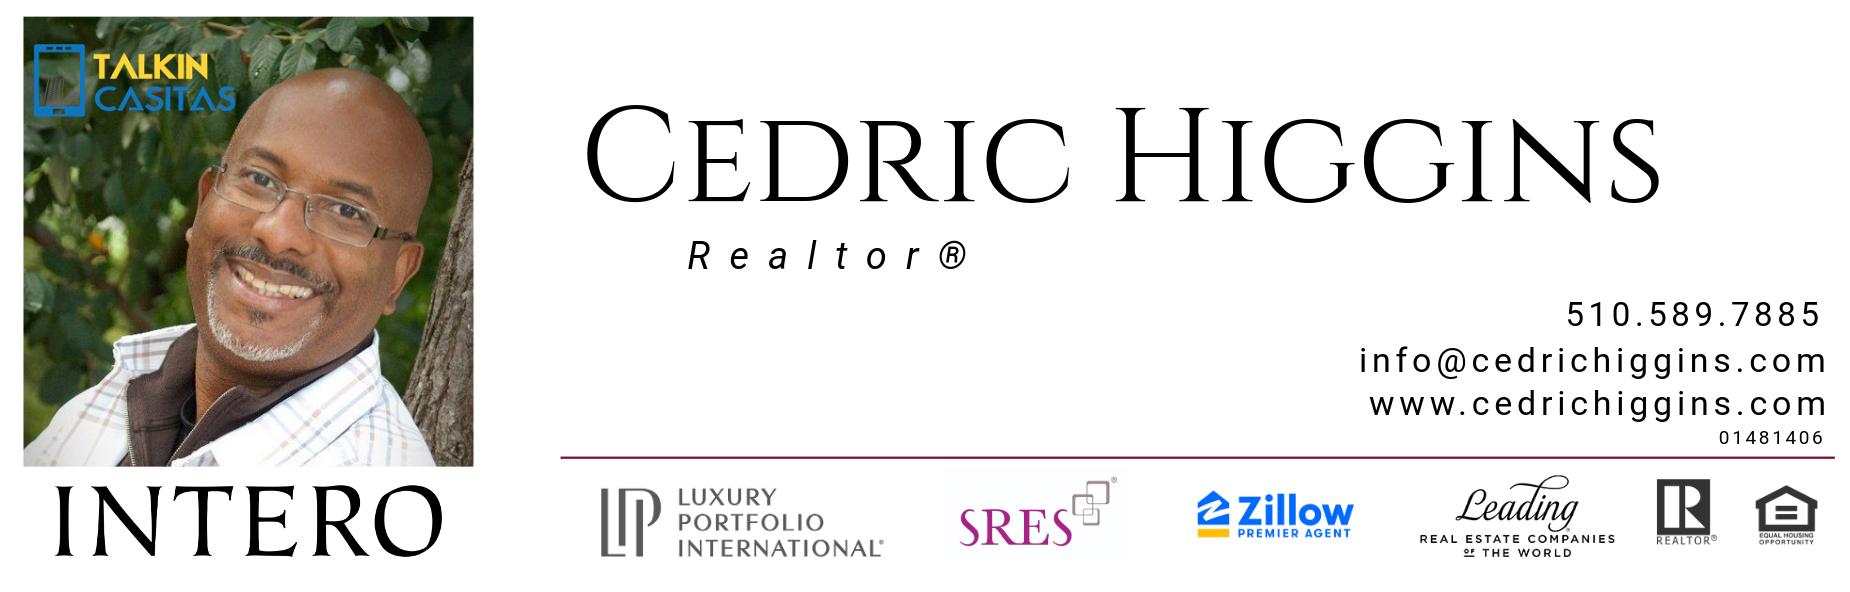 Cedric Higgins Contact Info